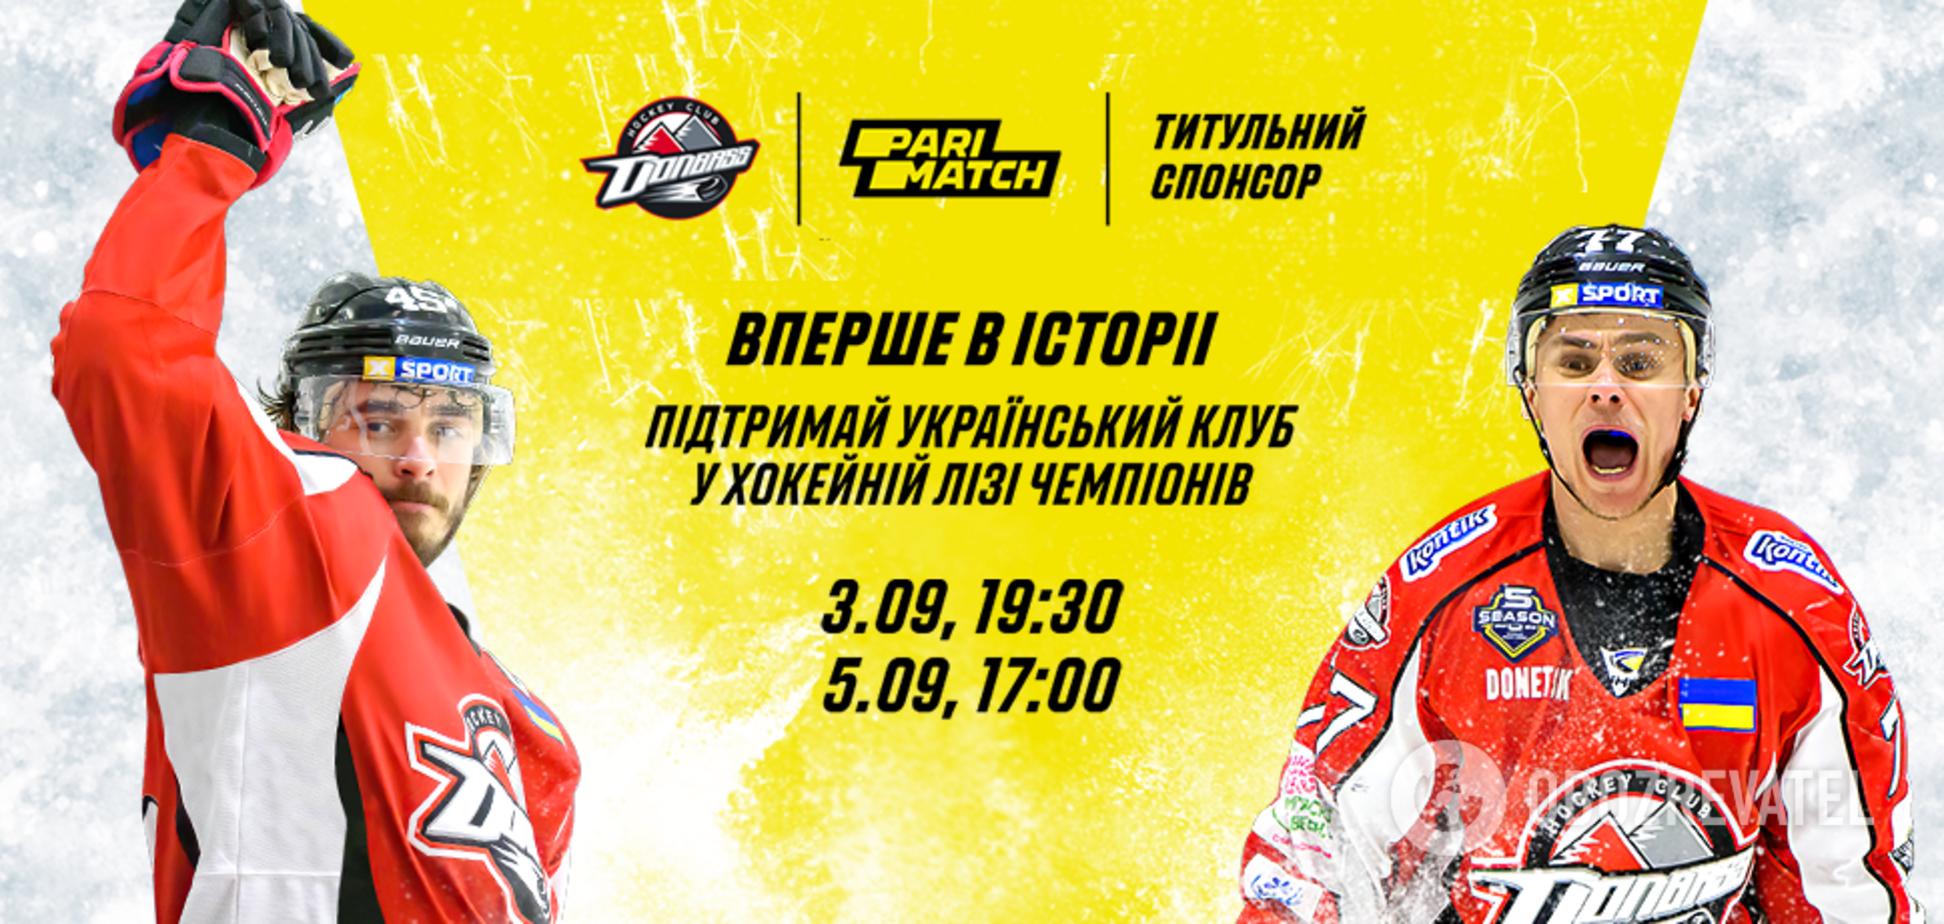 'Донбасс' дебютирует в Лиге чемпионов: анонс исторического события украинского хоккея